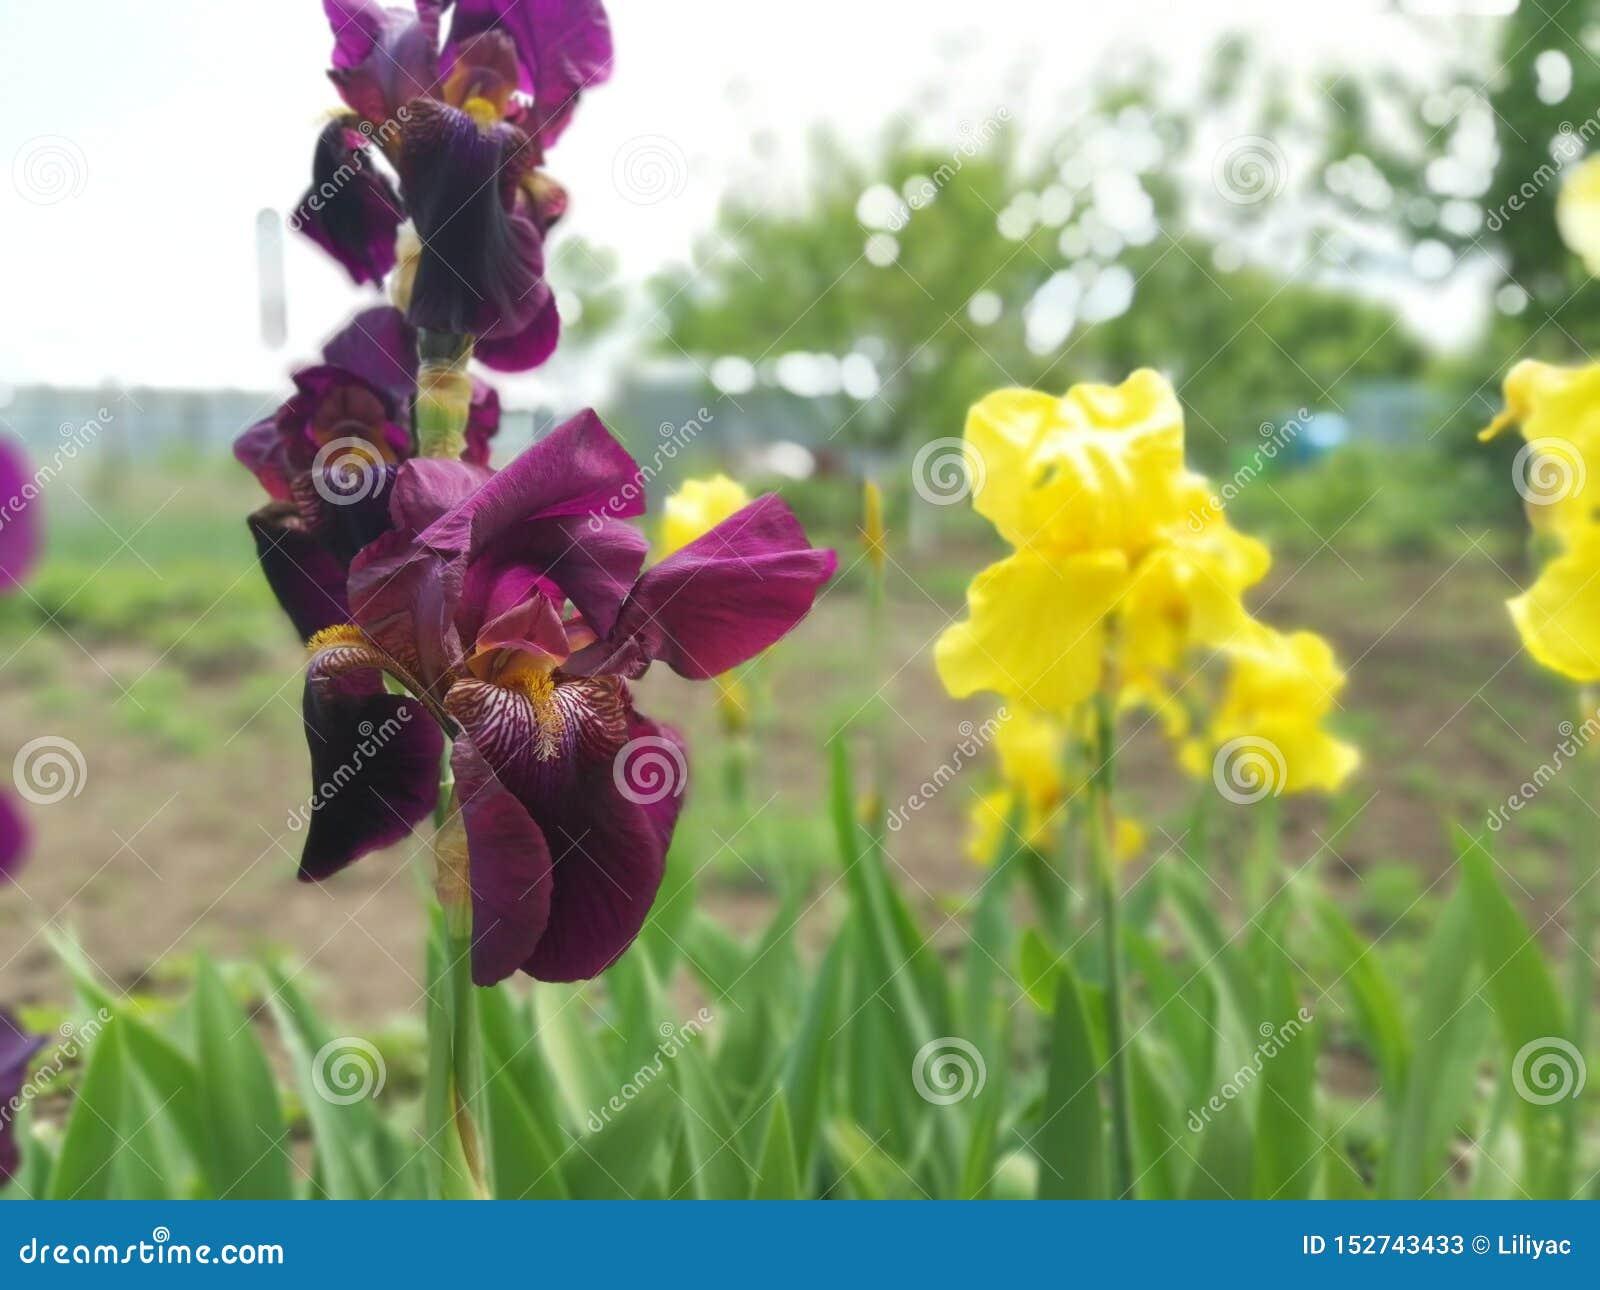 Burgunder und gelbe Iris in einem Blumenbeet